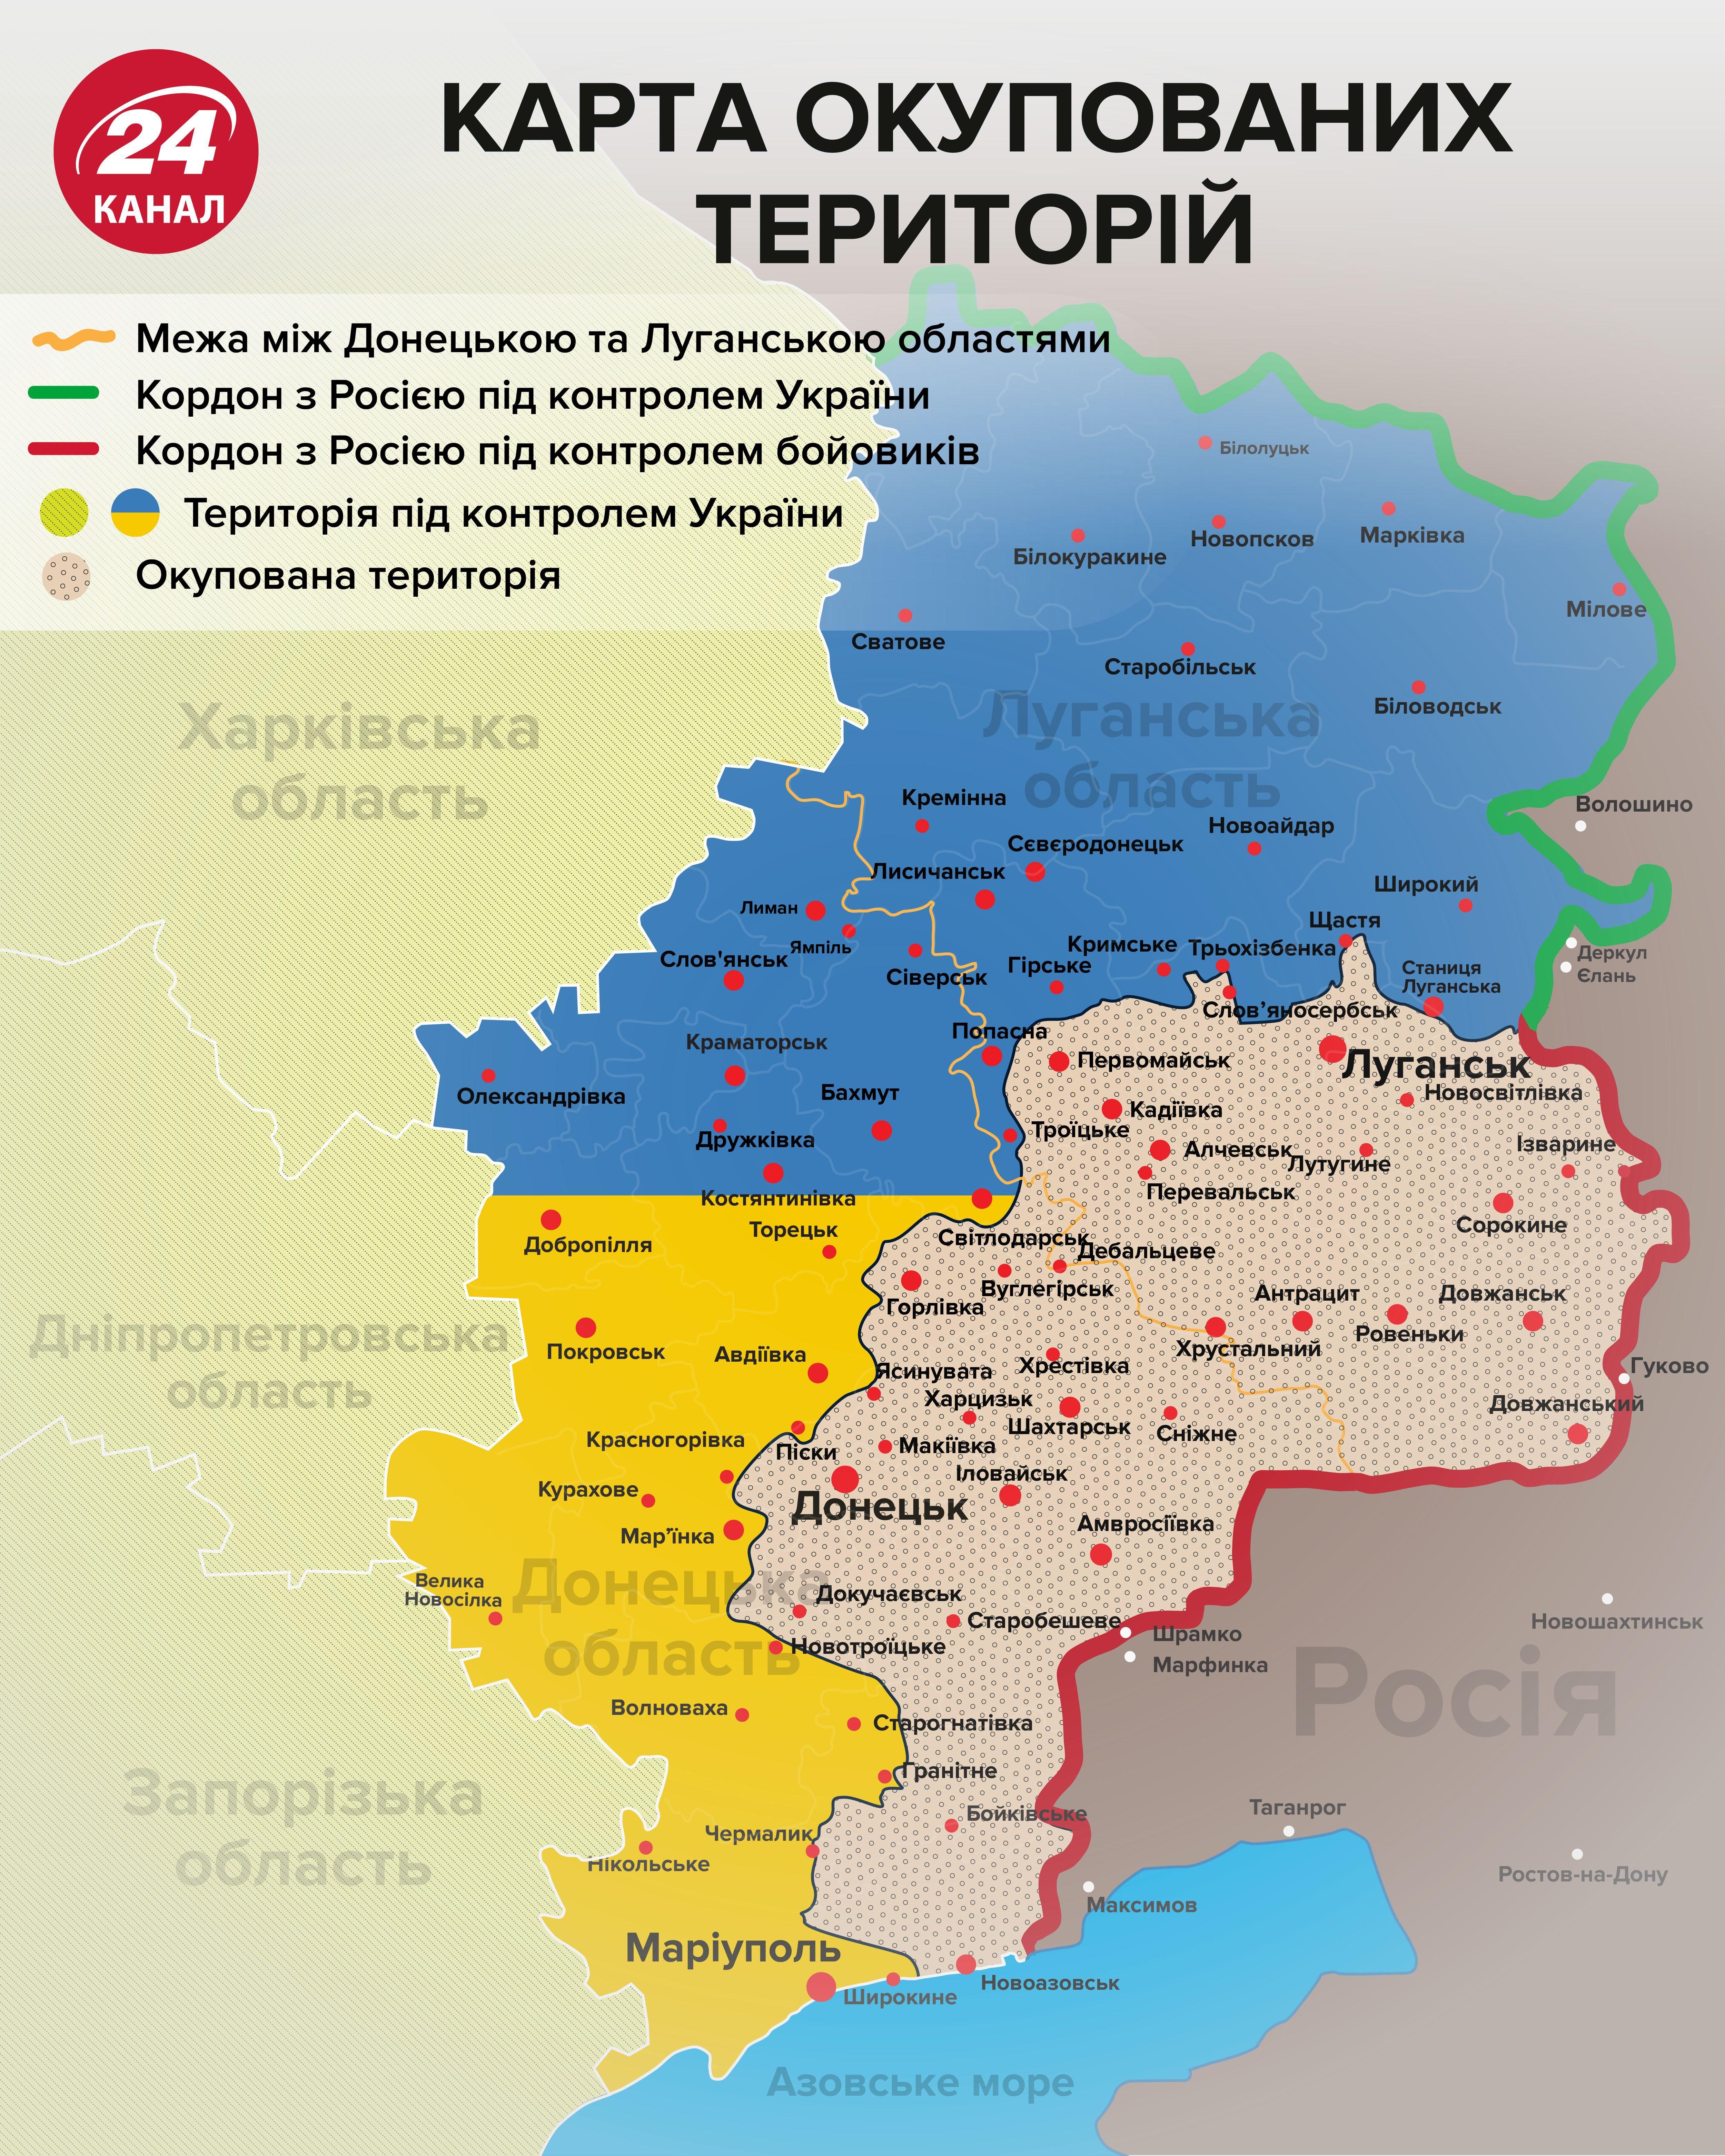 Ситуация на Донбассе: провокации оккупантов продолжаются